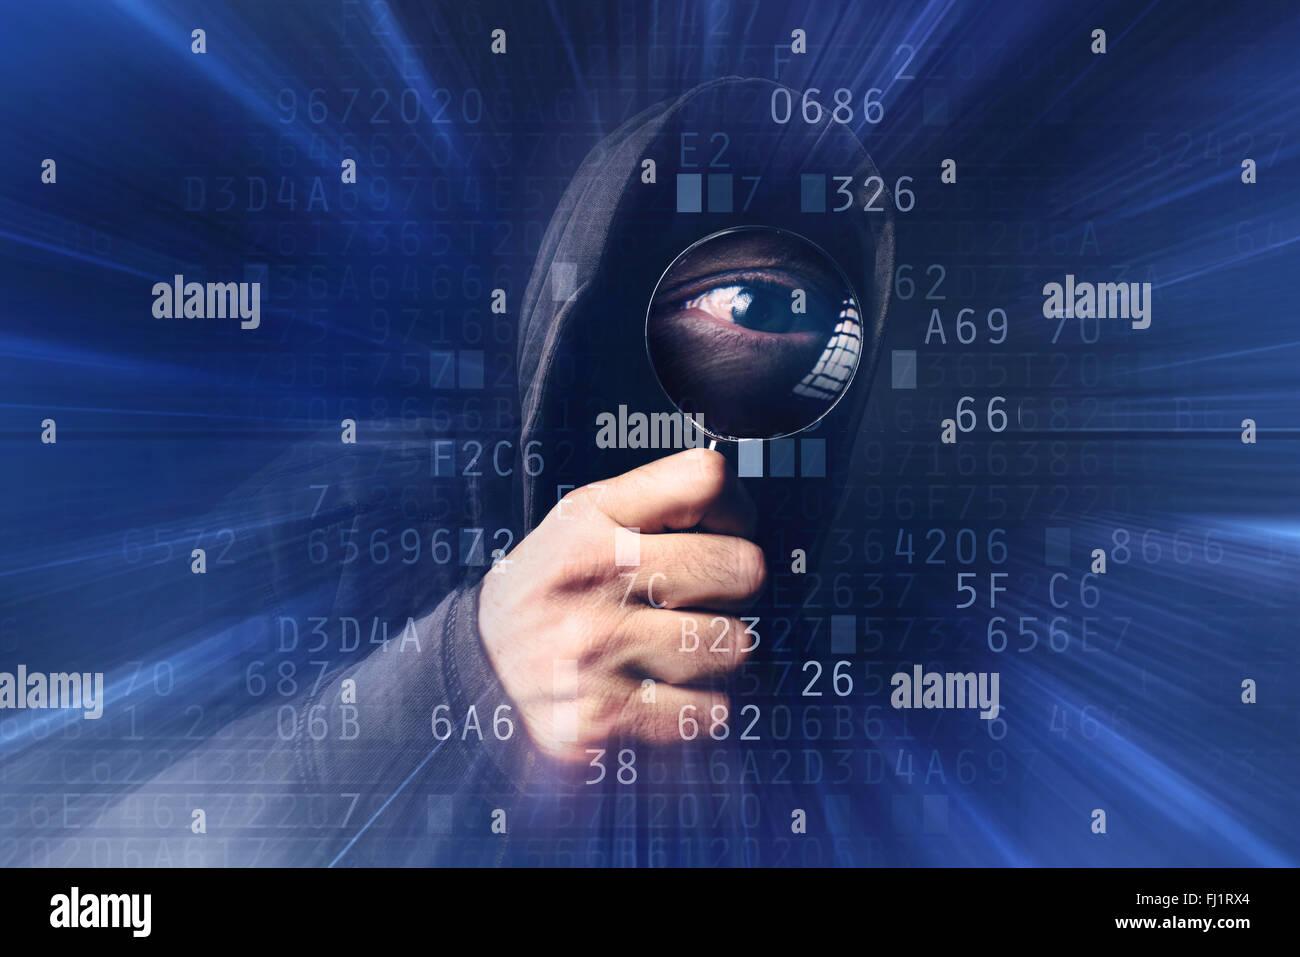 El software antivirus, antispyware bizzare spooky hooded hacker con lupa analizando el código hexadecimal del Imagen De Stock